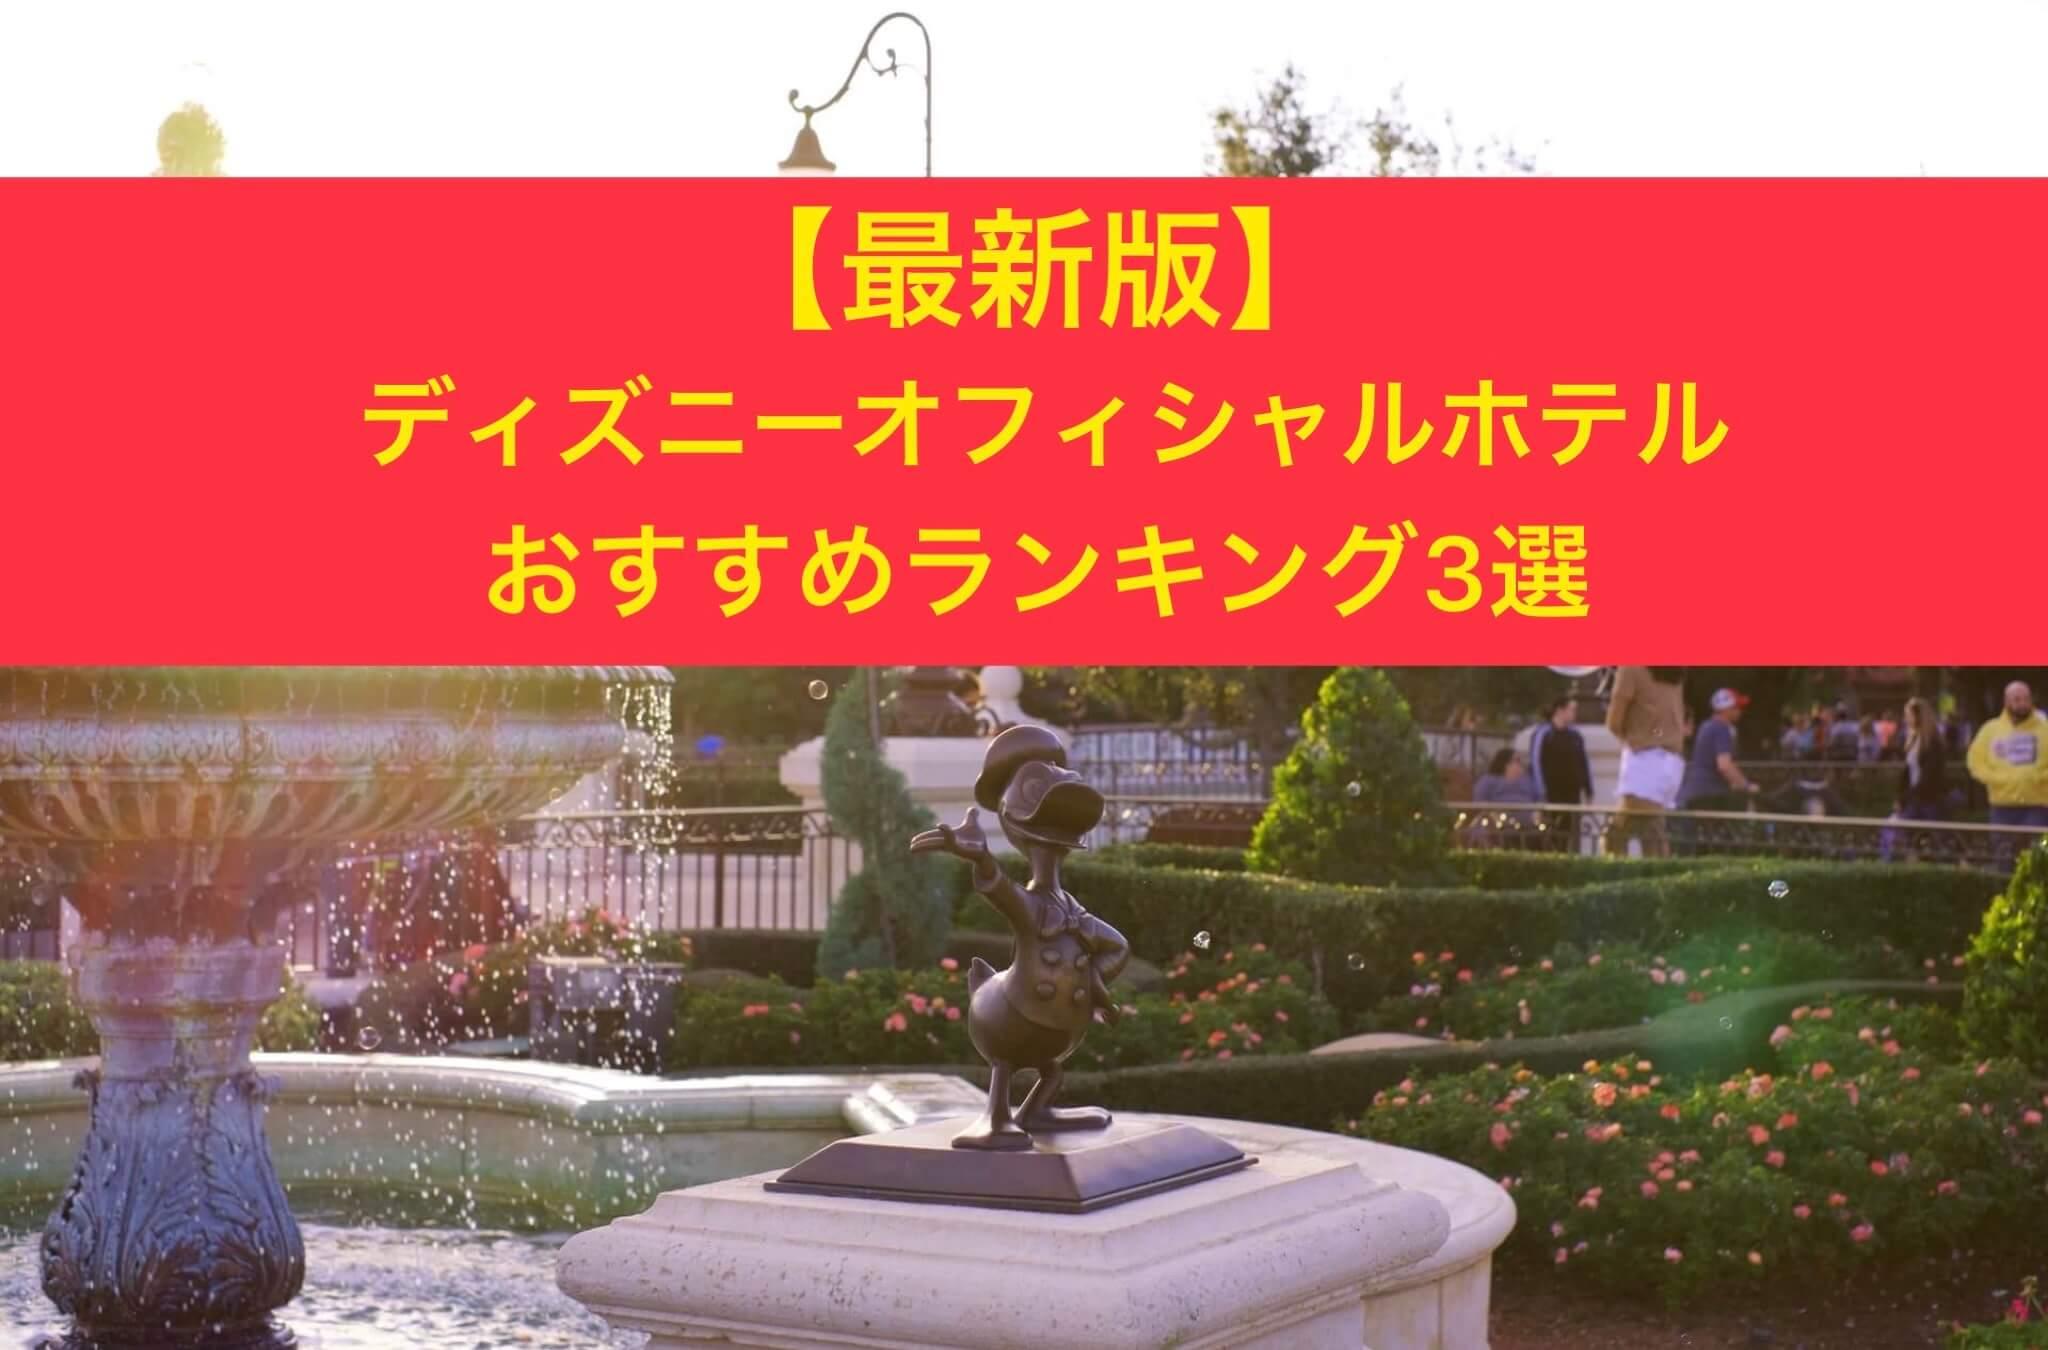 【最新版】ディズニーオフィシャルホテルおすすめランキング【初めて泊まる方向け】